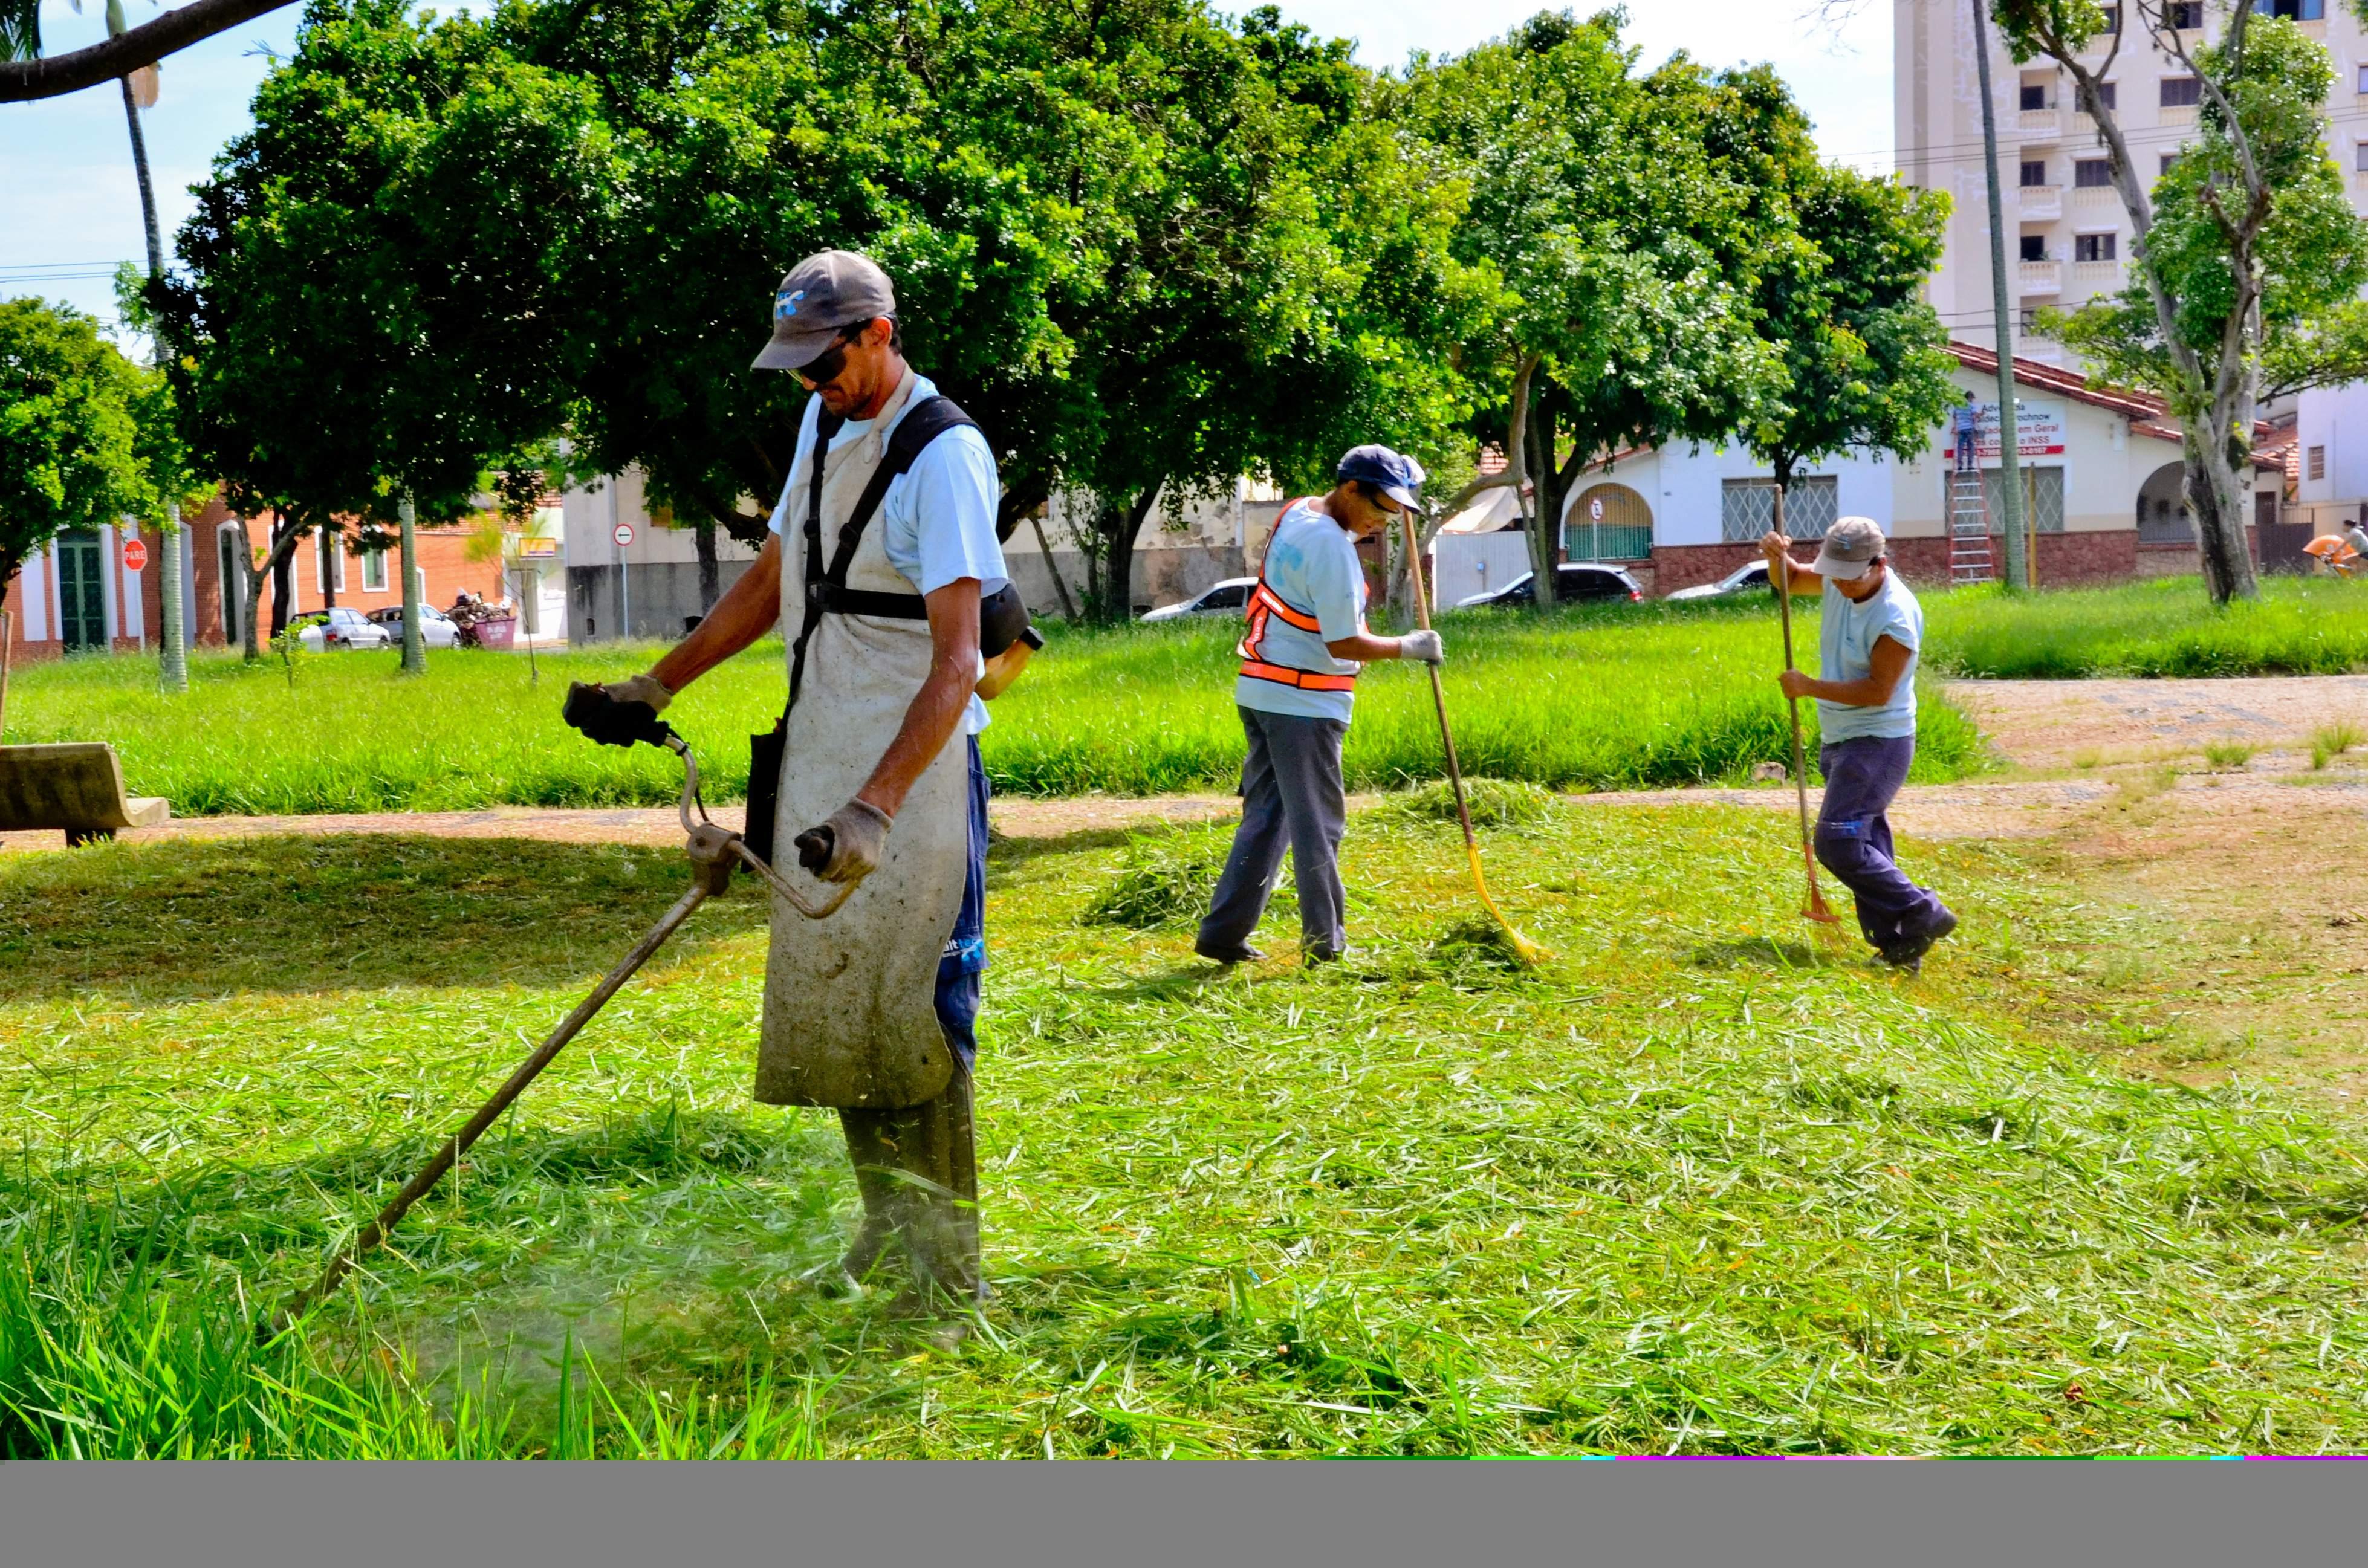 Serviços de limpeza e corte de mato em várias regiões da cidade